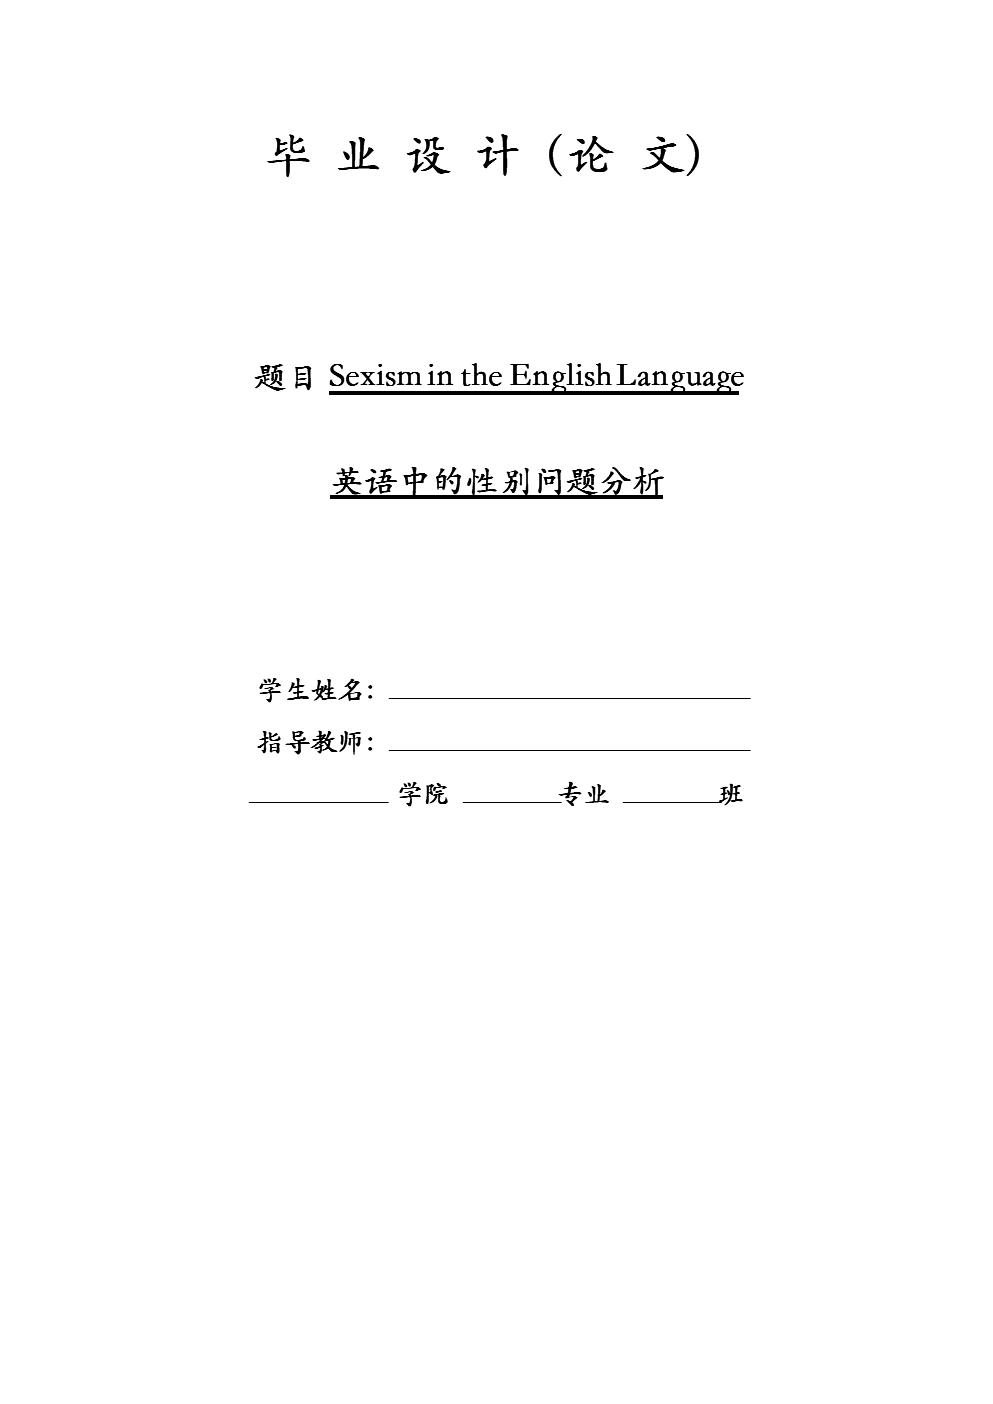 【英語論文】英語中的性別問題分析-sexismintheenglishlanguage.doc